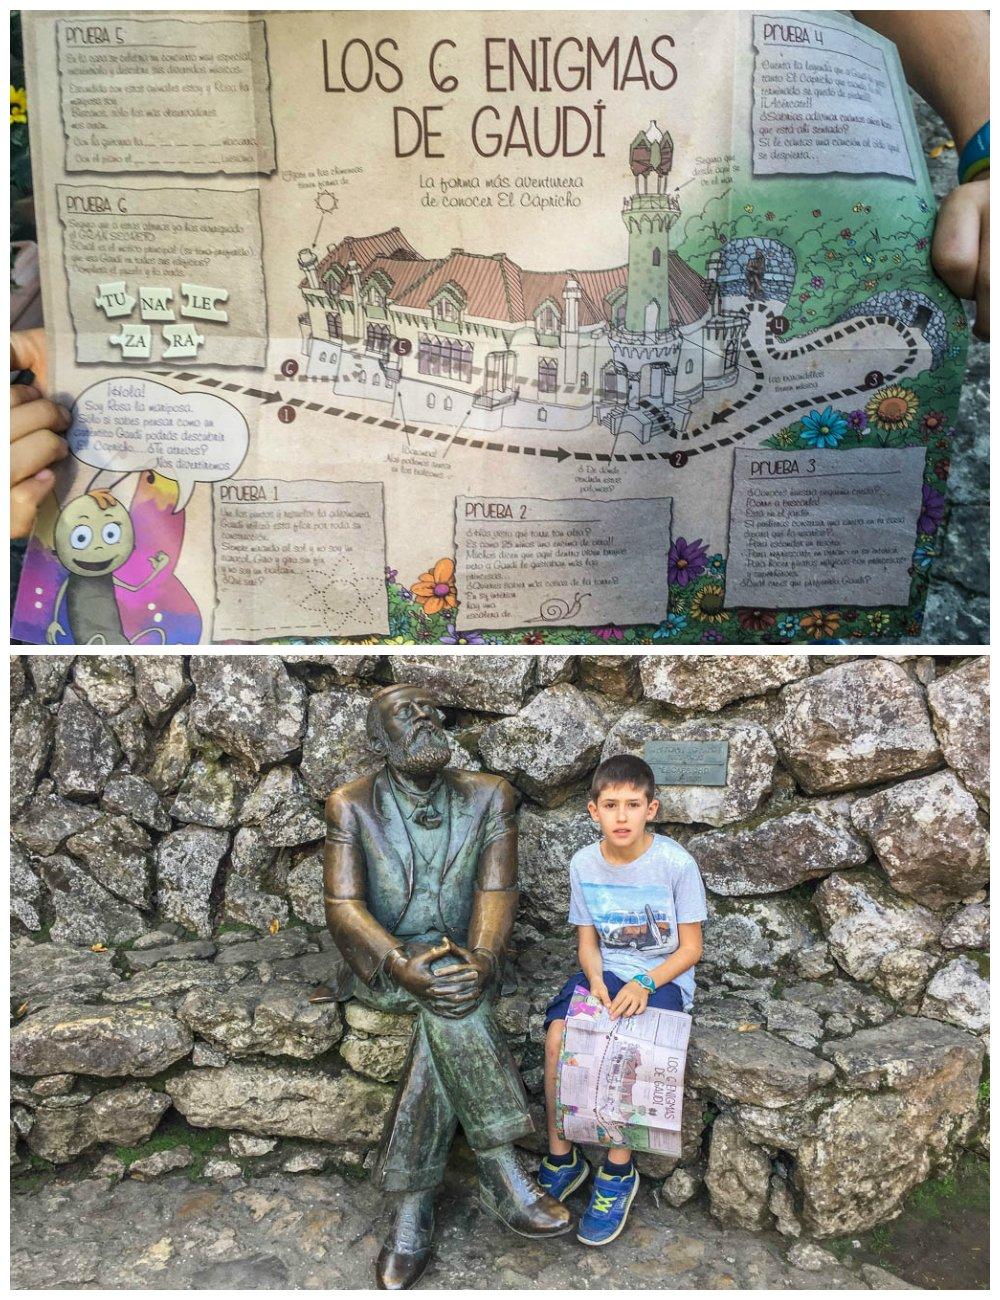 Enigmas para niños en el Capricho de Gaudí